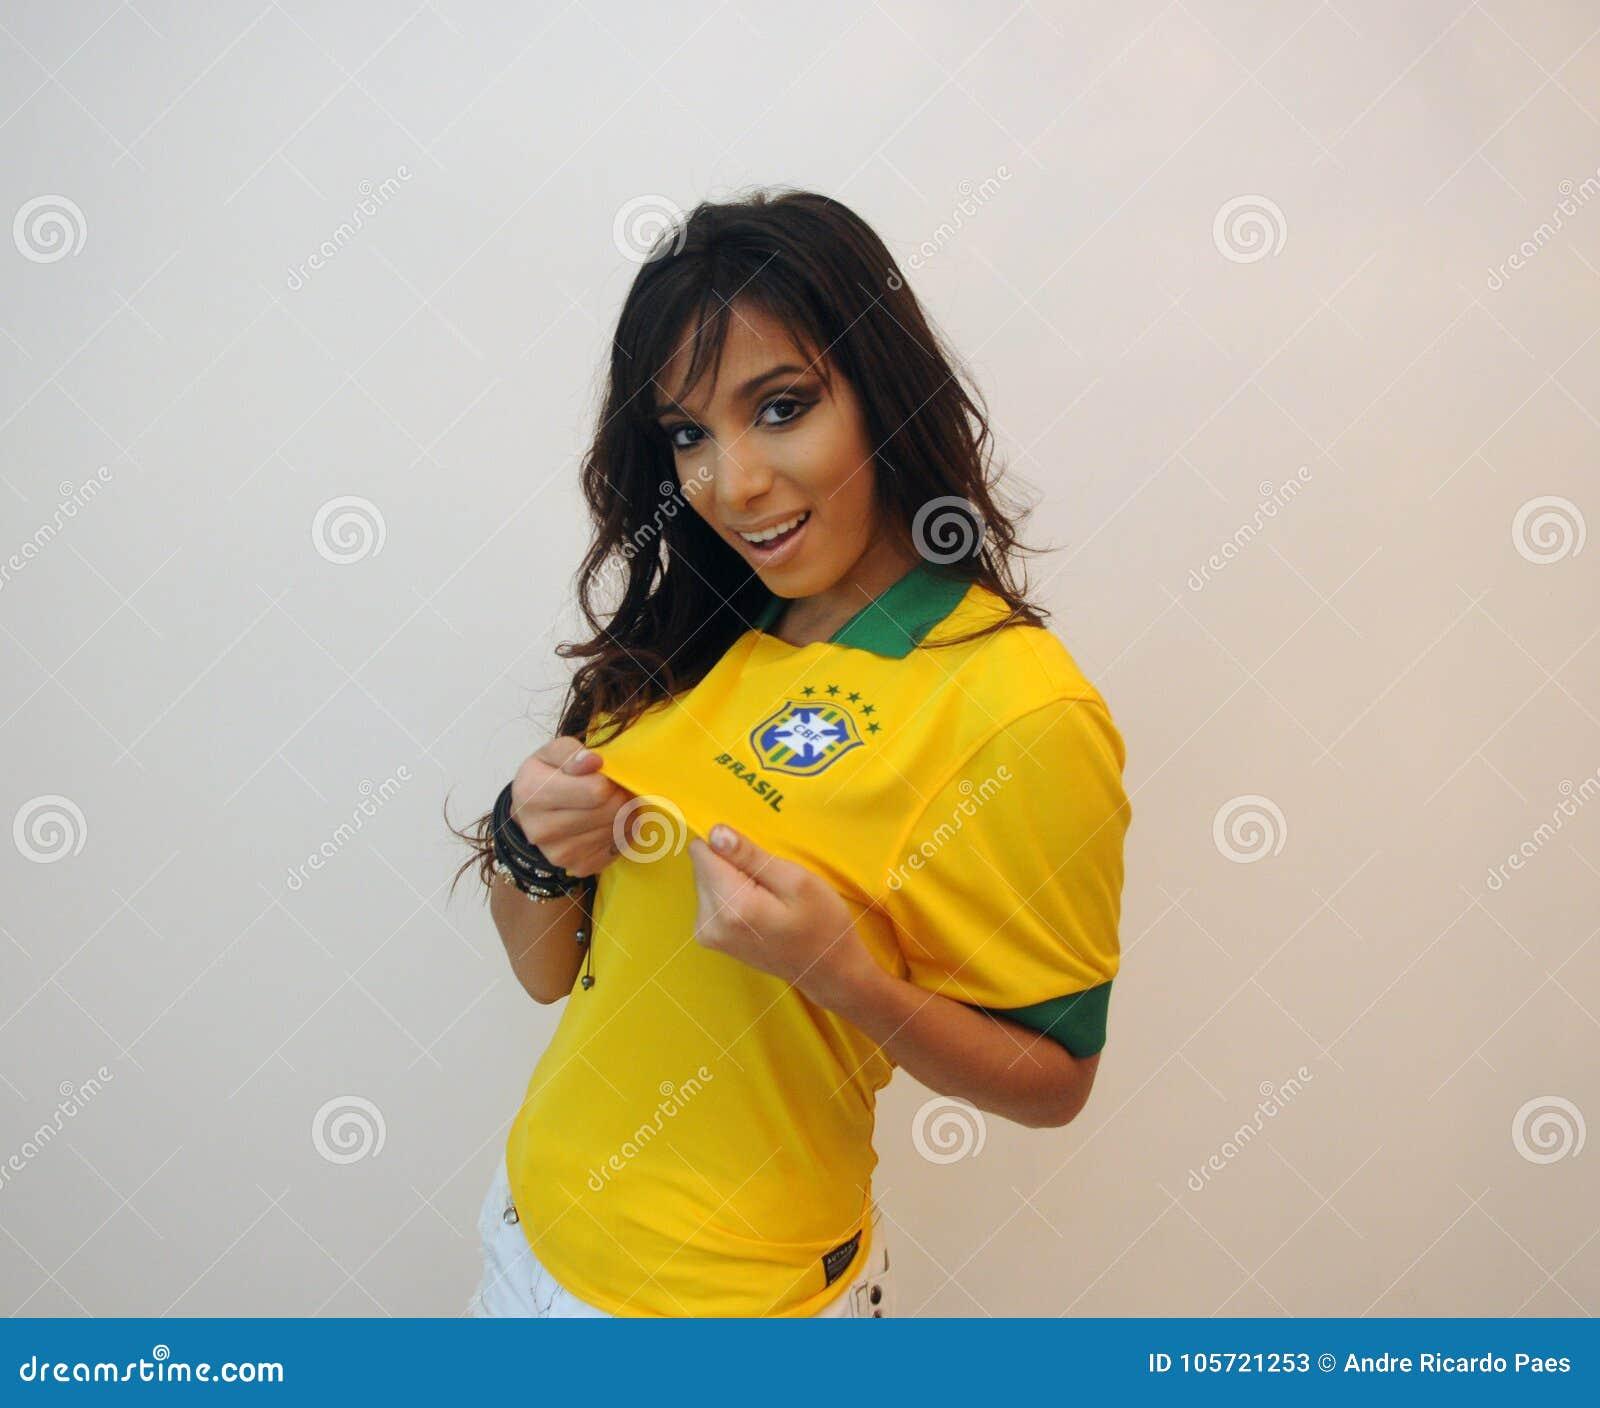 Brasilian